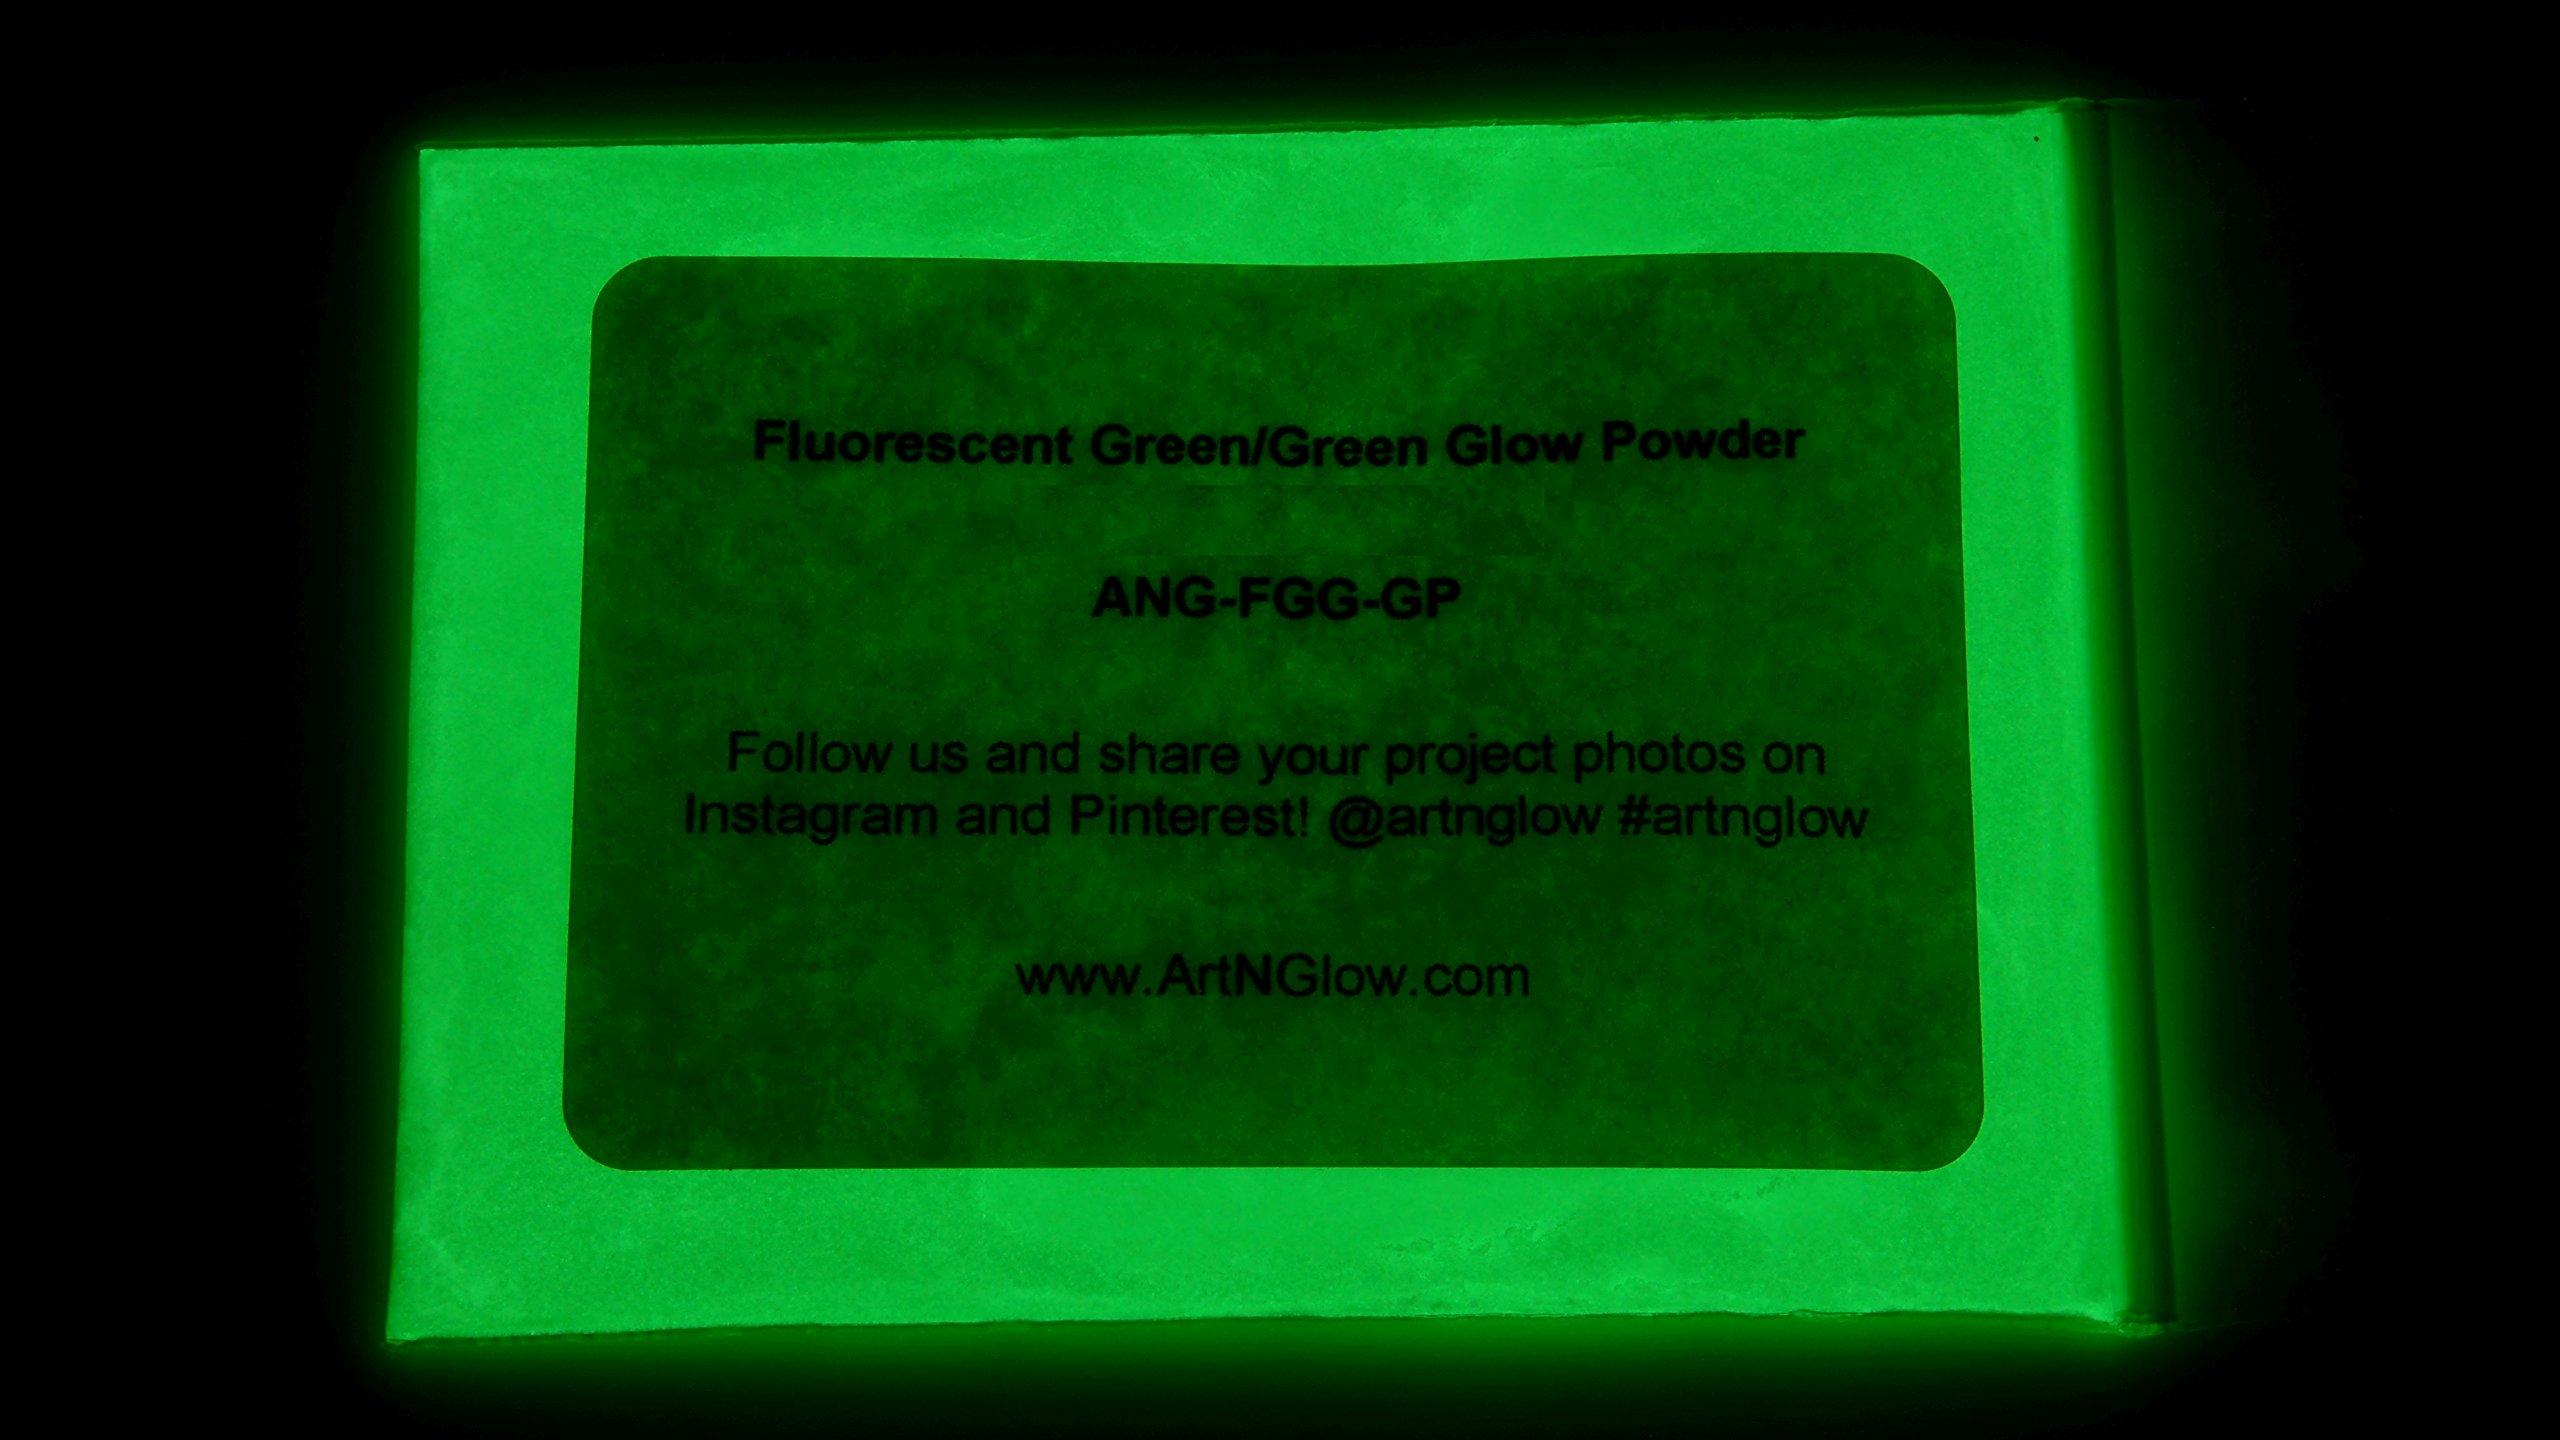 Fluorescent Green Glow Powder (1 Ounce/30 Grams)